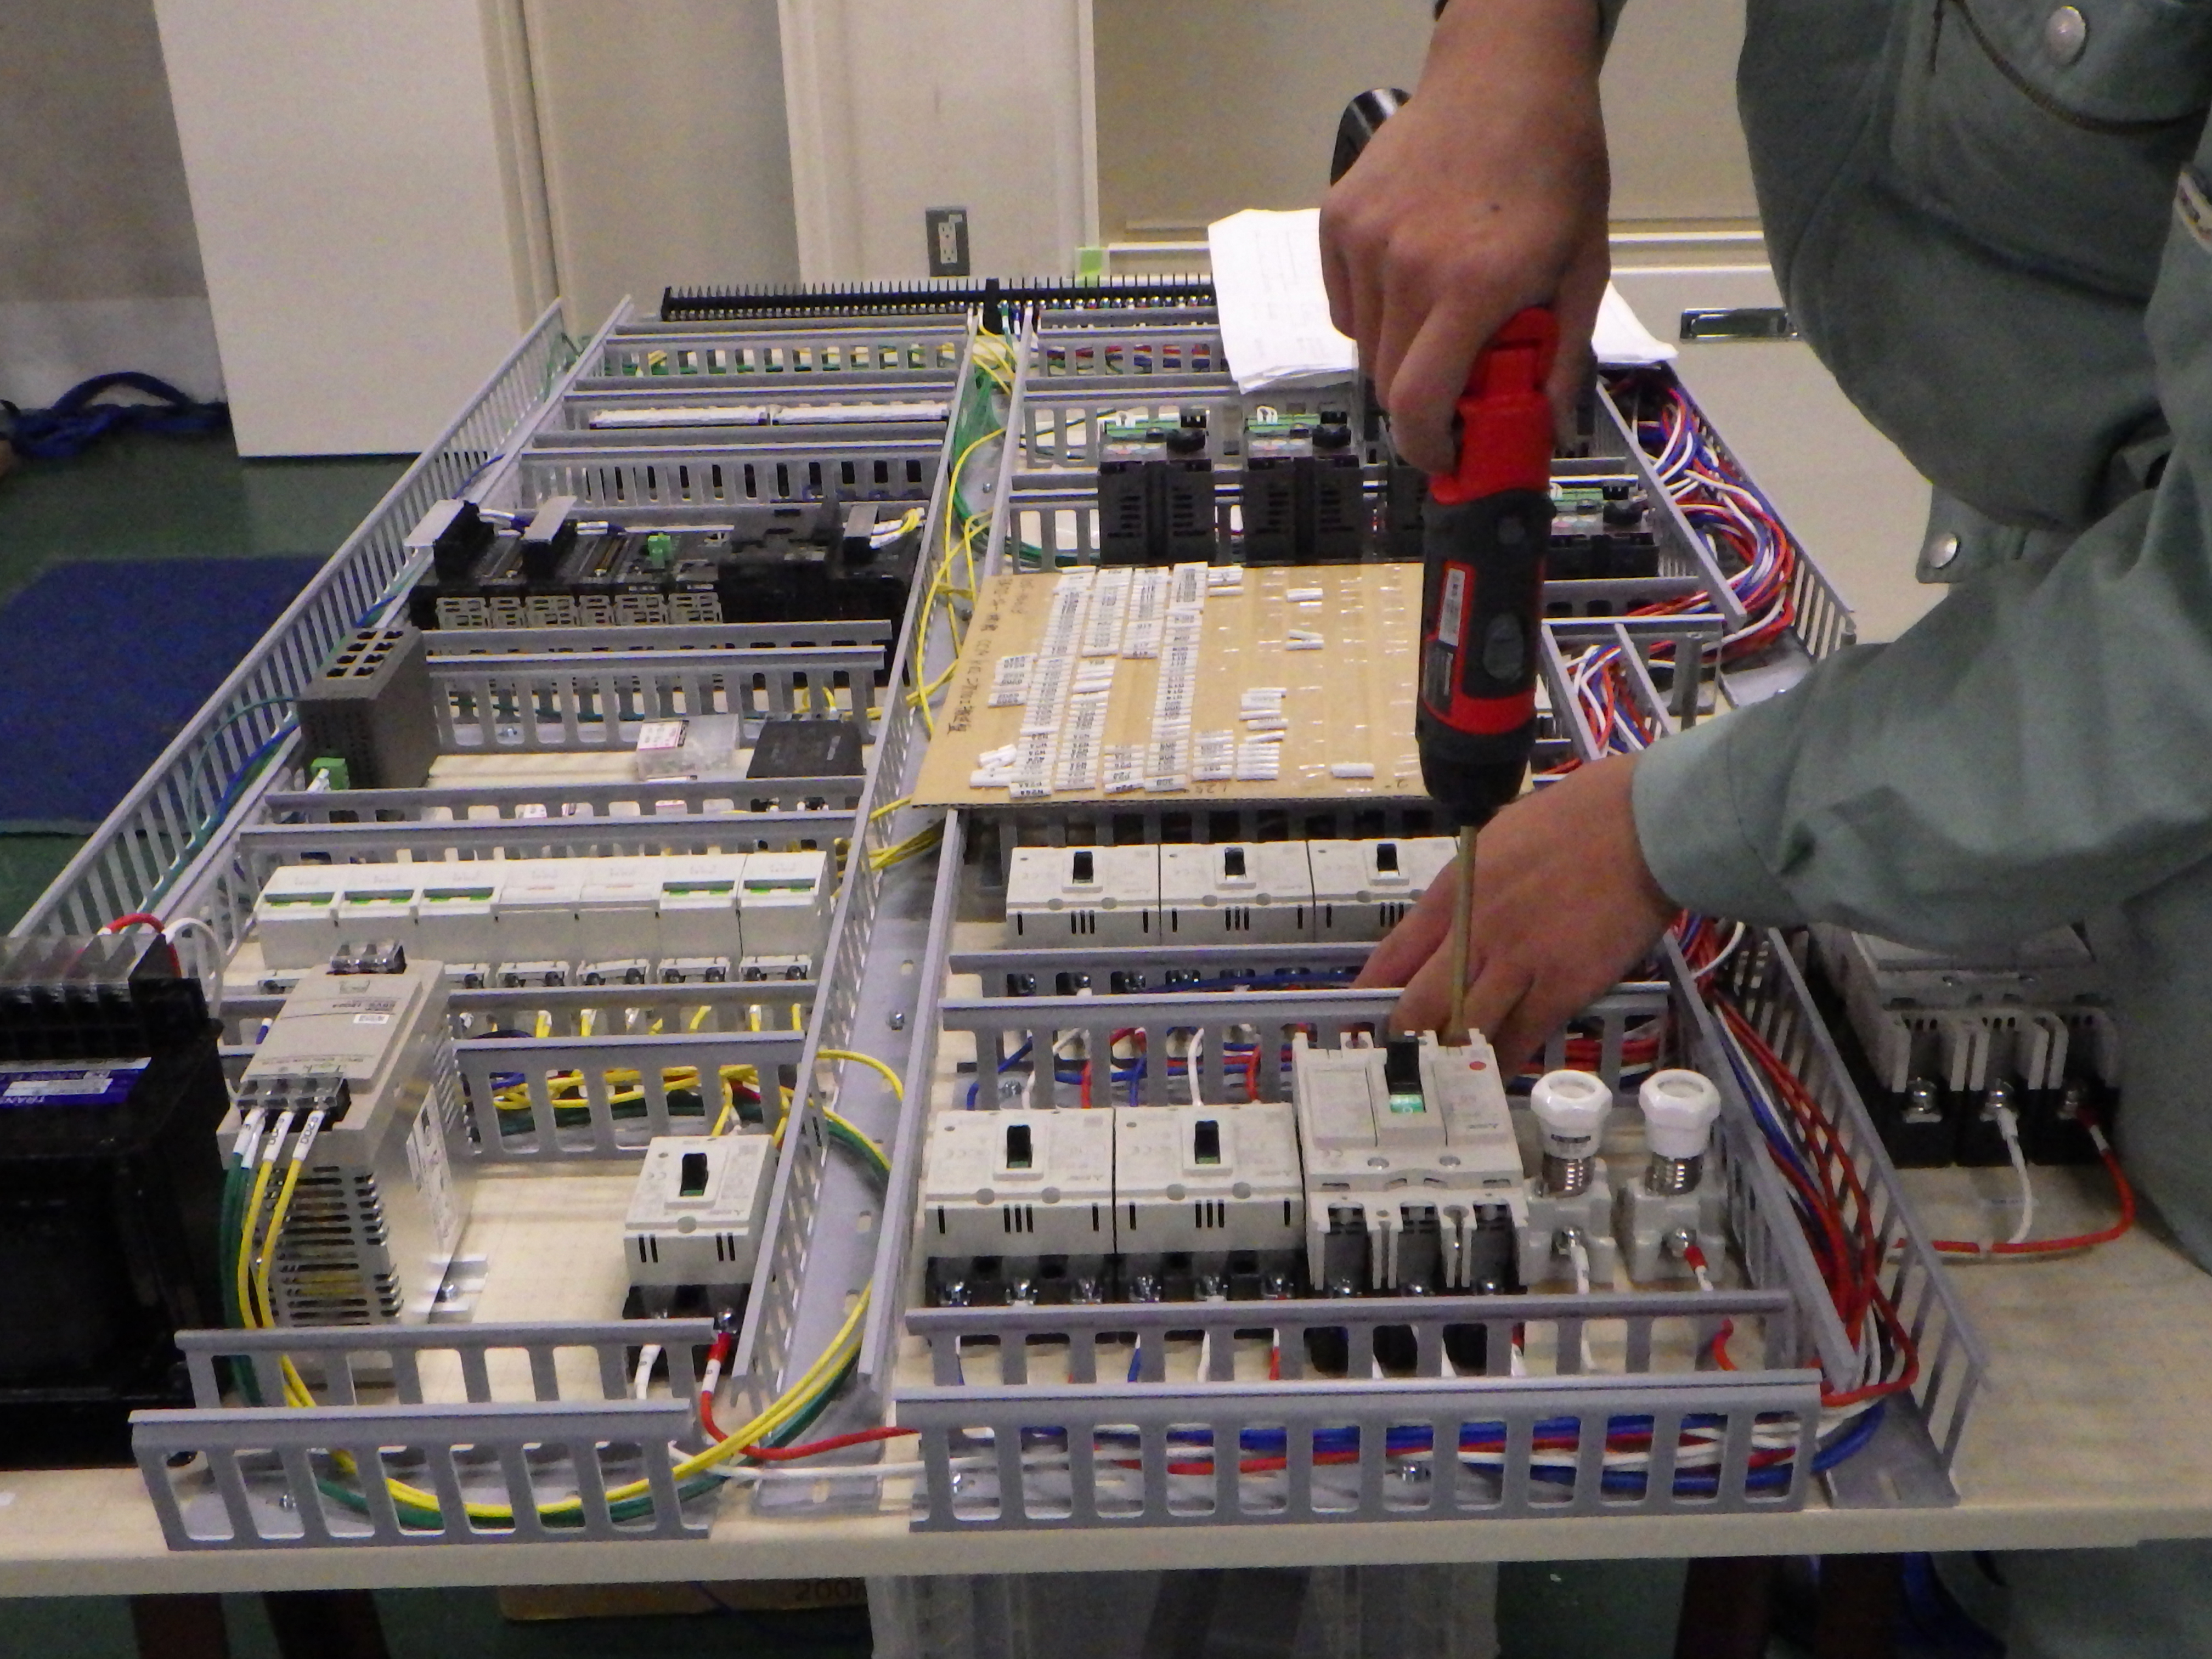 社内制御盤製造室